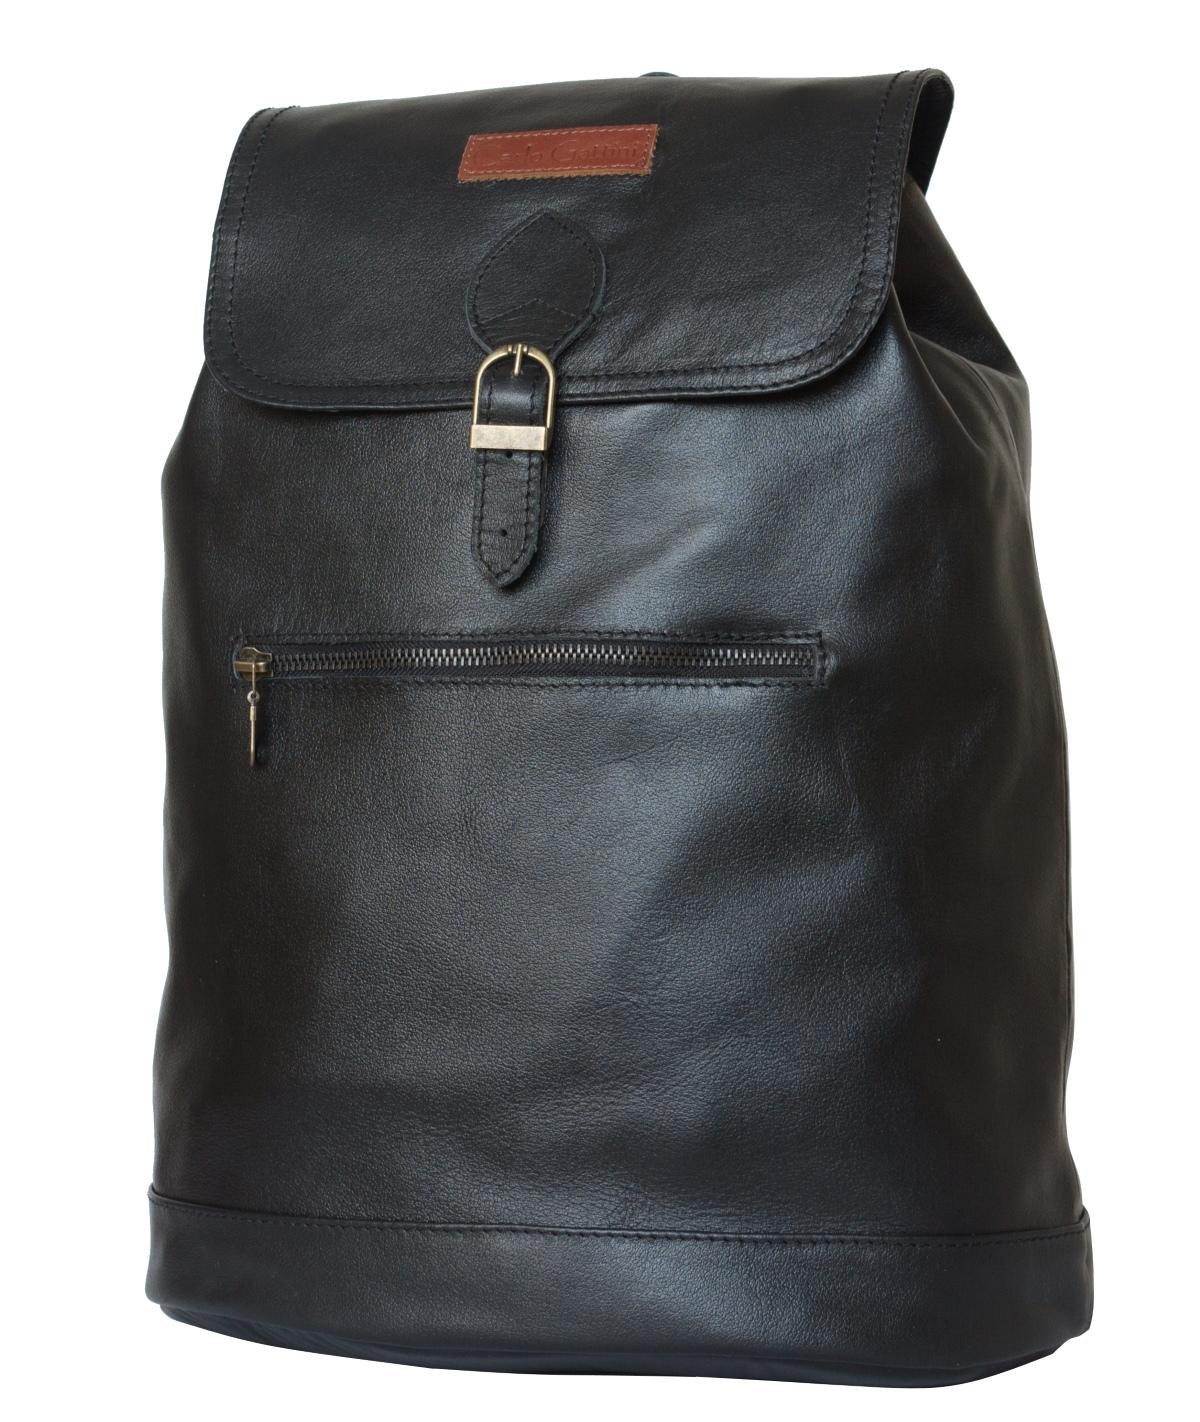 Мужские рюкзаки carlo gattini ребенок 5 месяцев отказывается сидеть в эрго рюкзаке